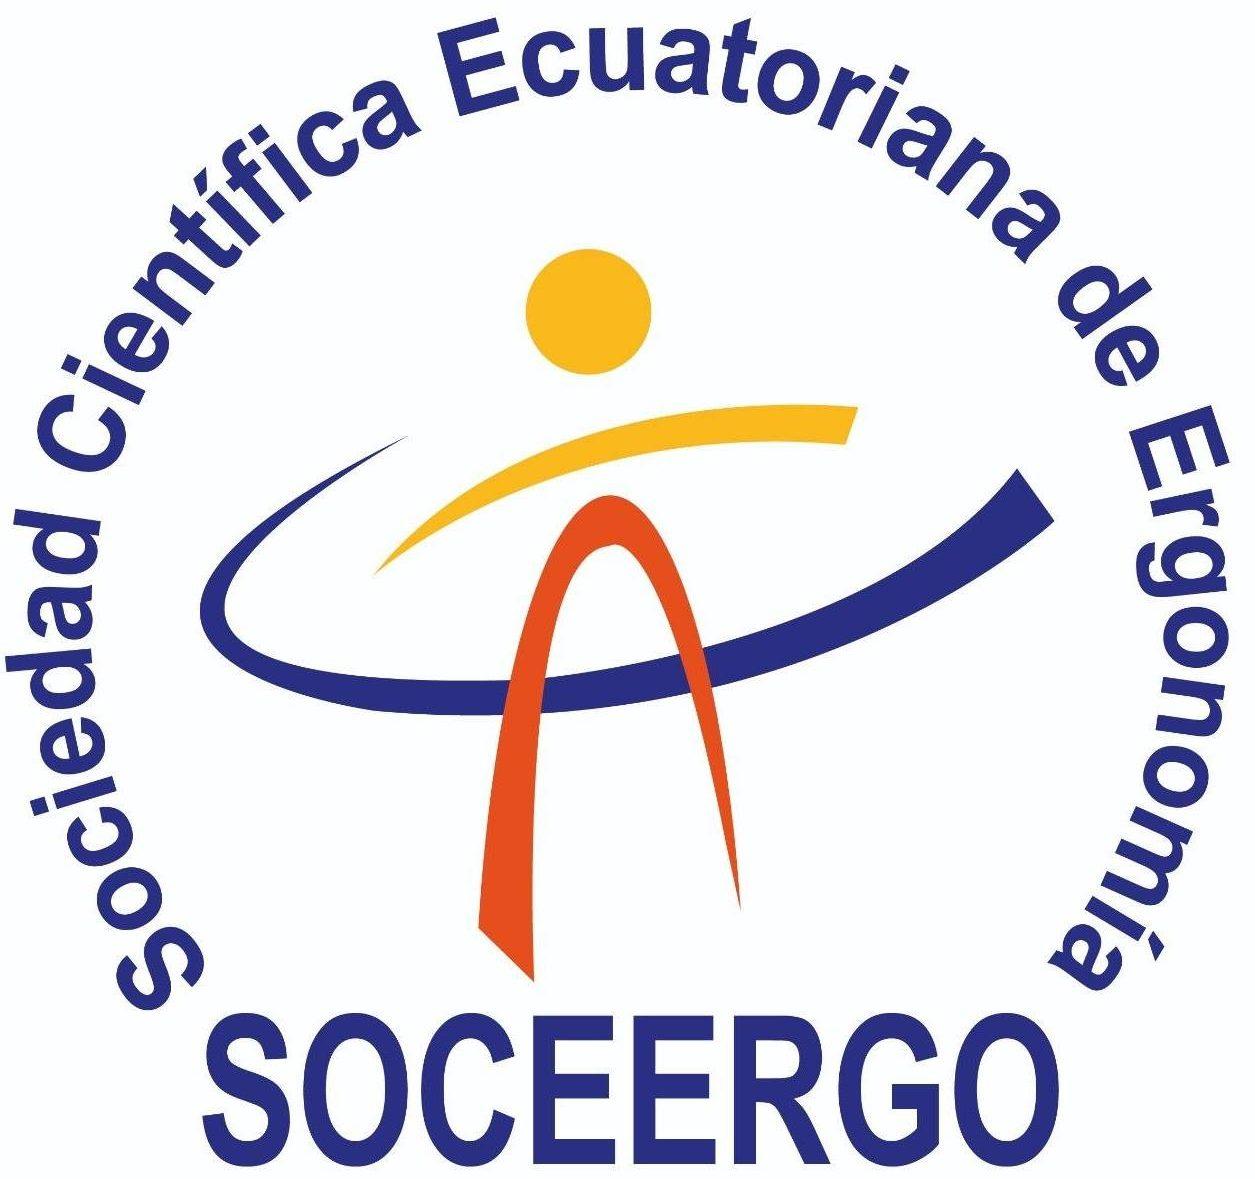 Sociedad Científica Ecuatoriana de Ergonomía